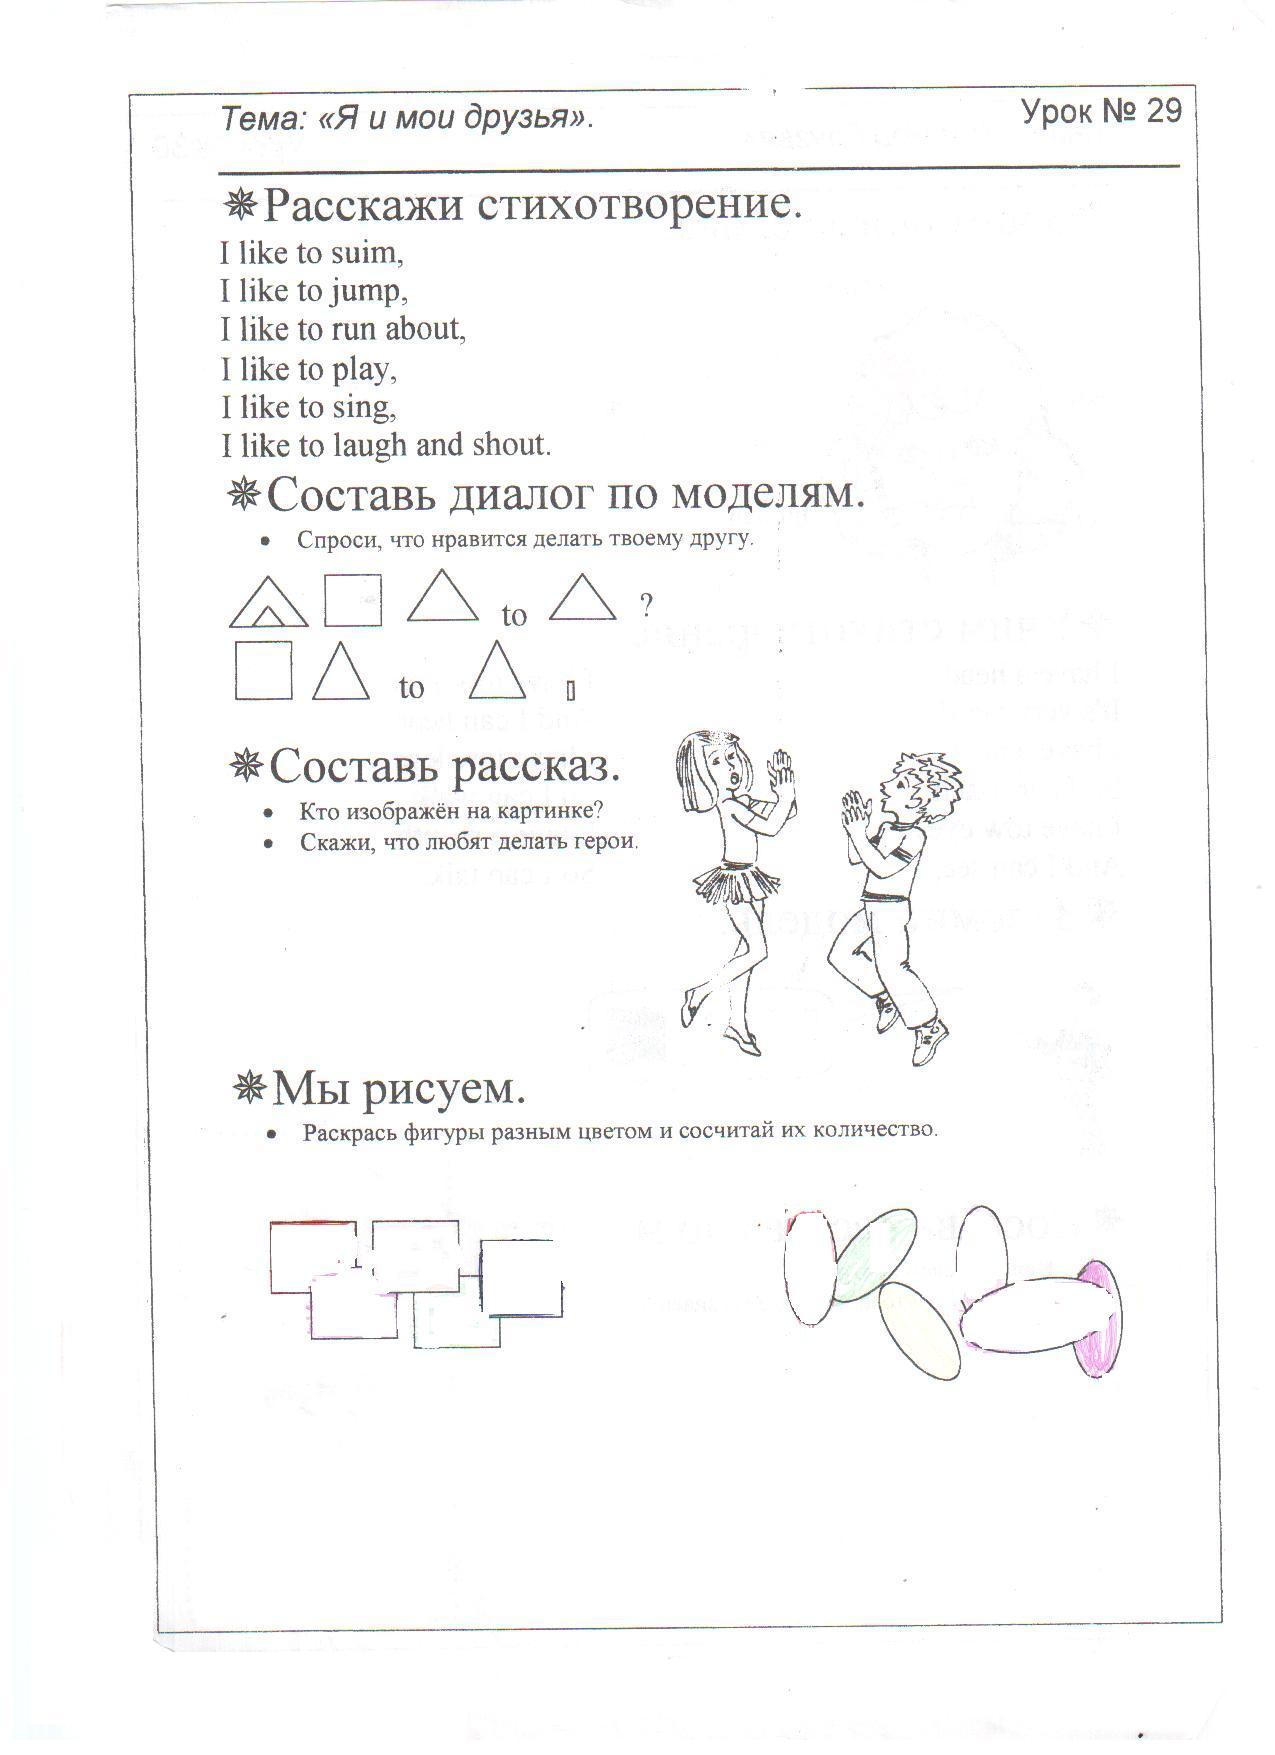 C:\Documents and Settings\Admin\Мои документы\Мои рисунки\Изображение\Изображение 099.jpg